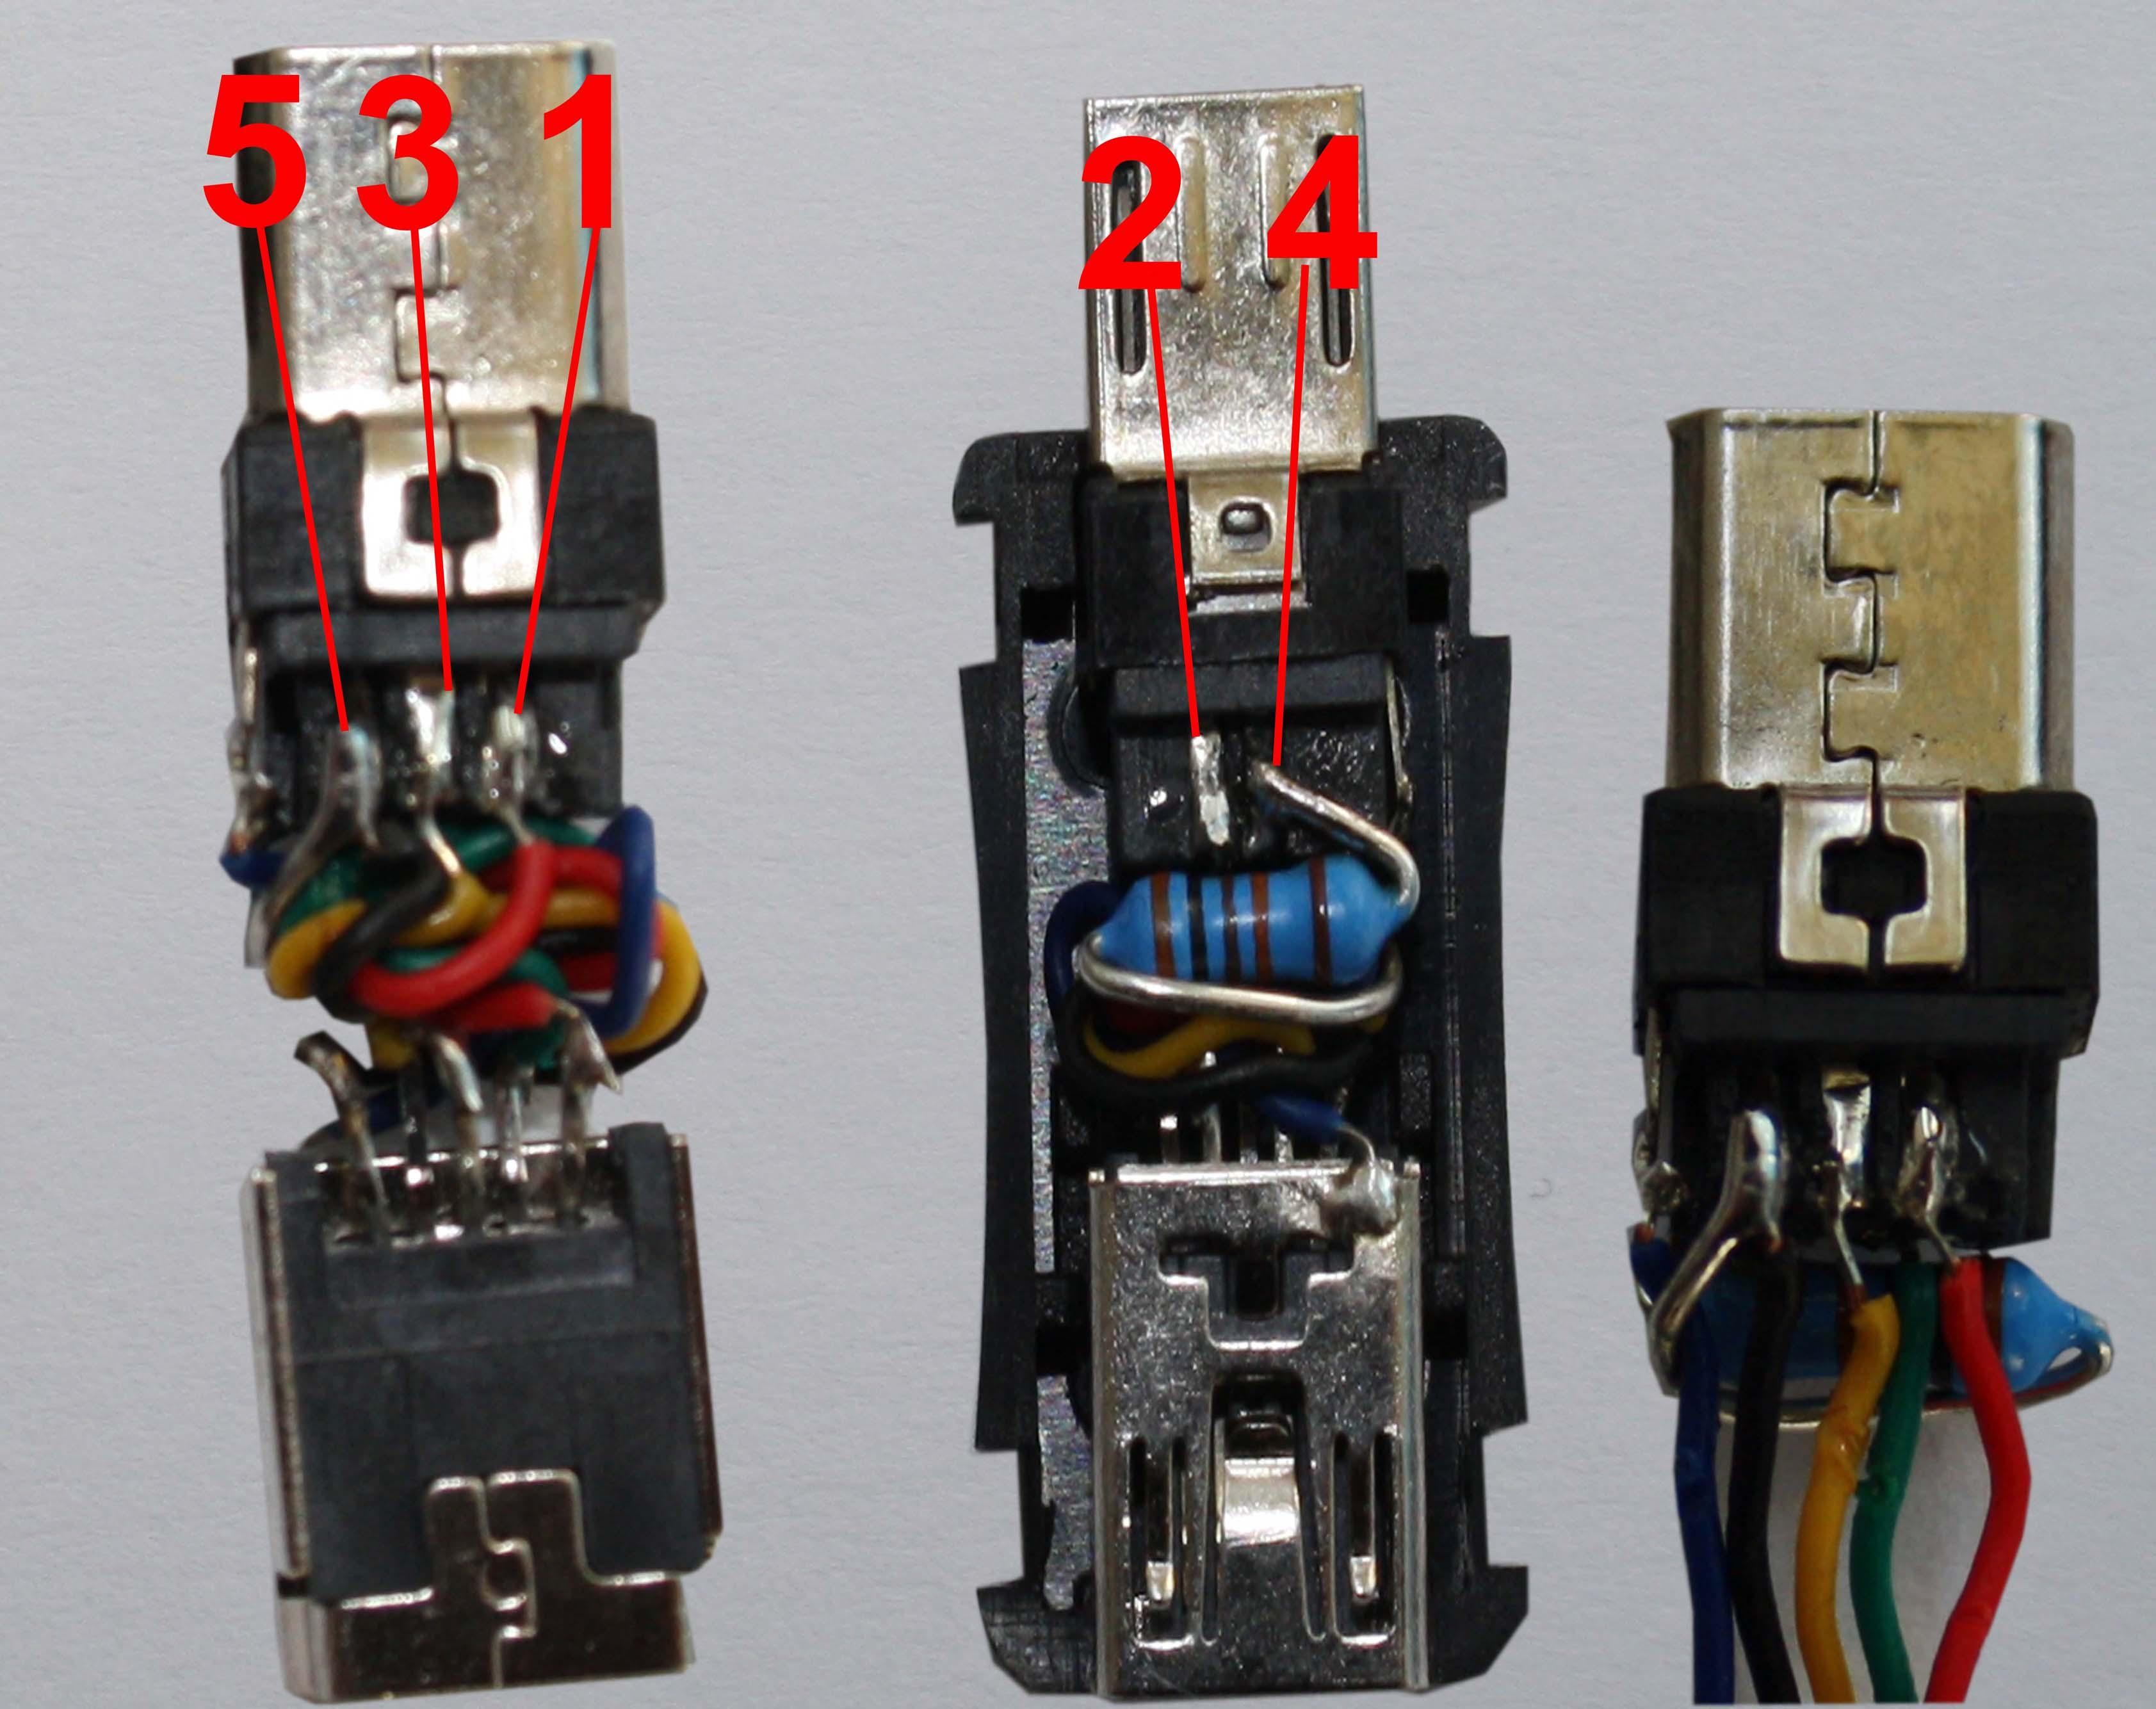 DIY USB Jig для восстановления окирпиченных Android девайсов / Хабр